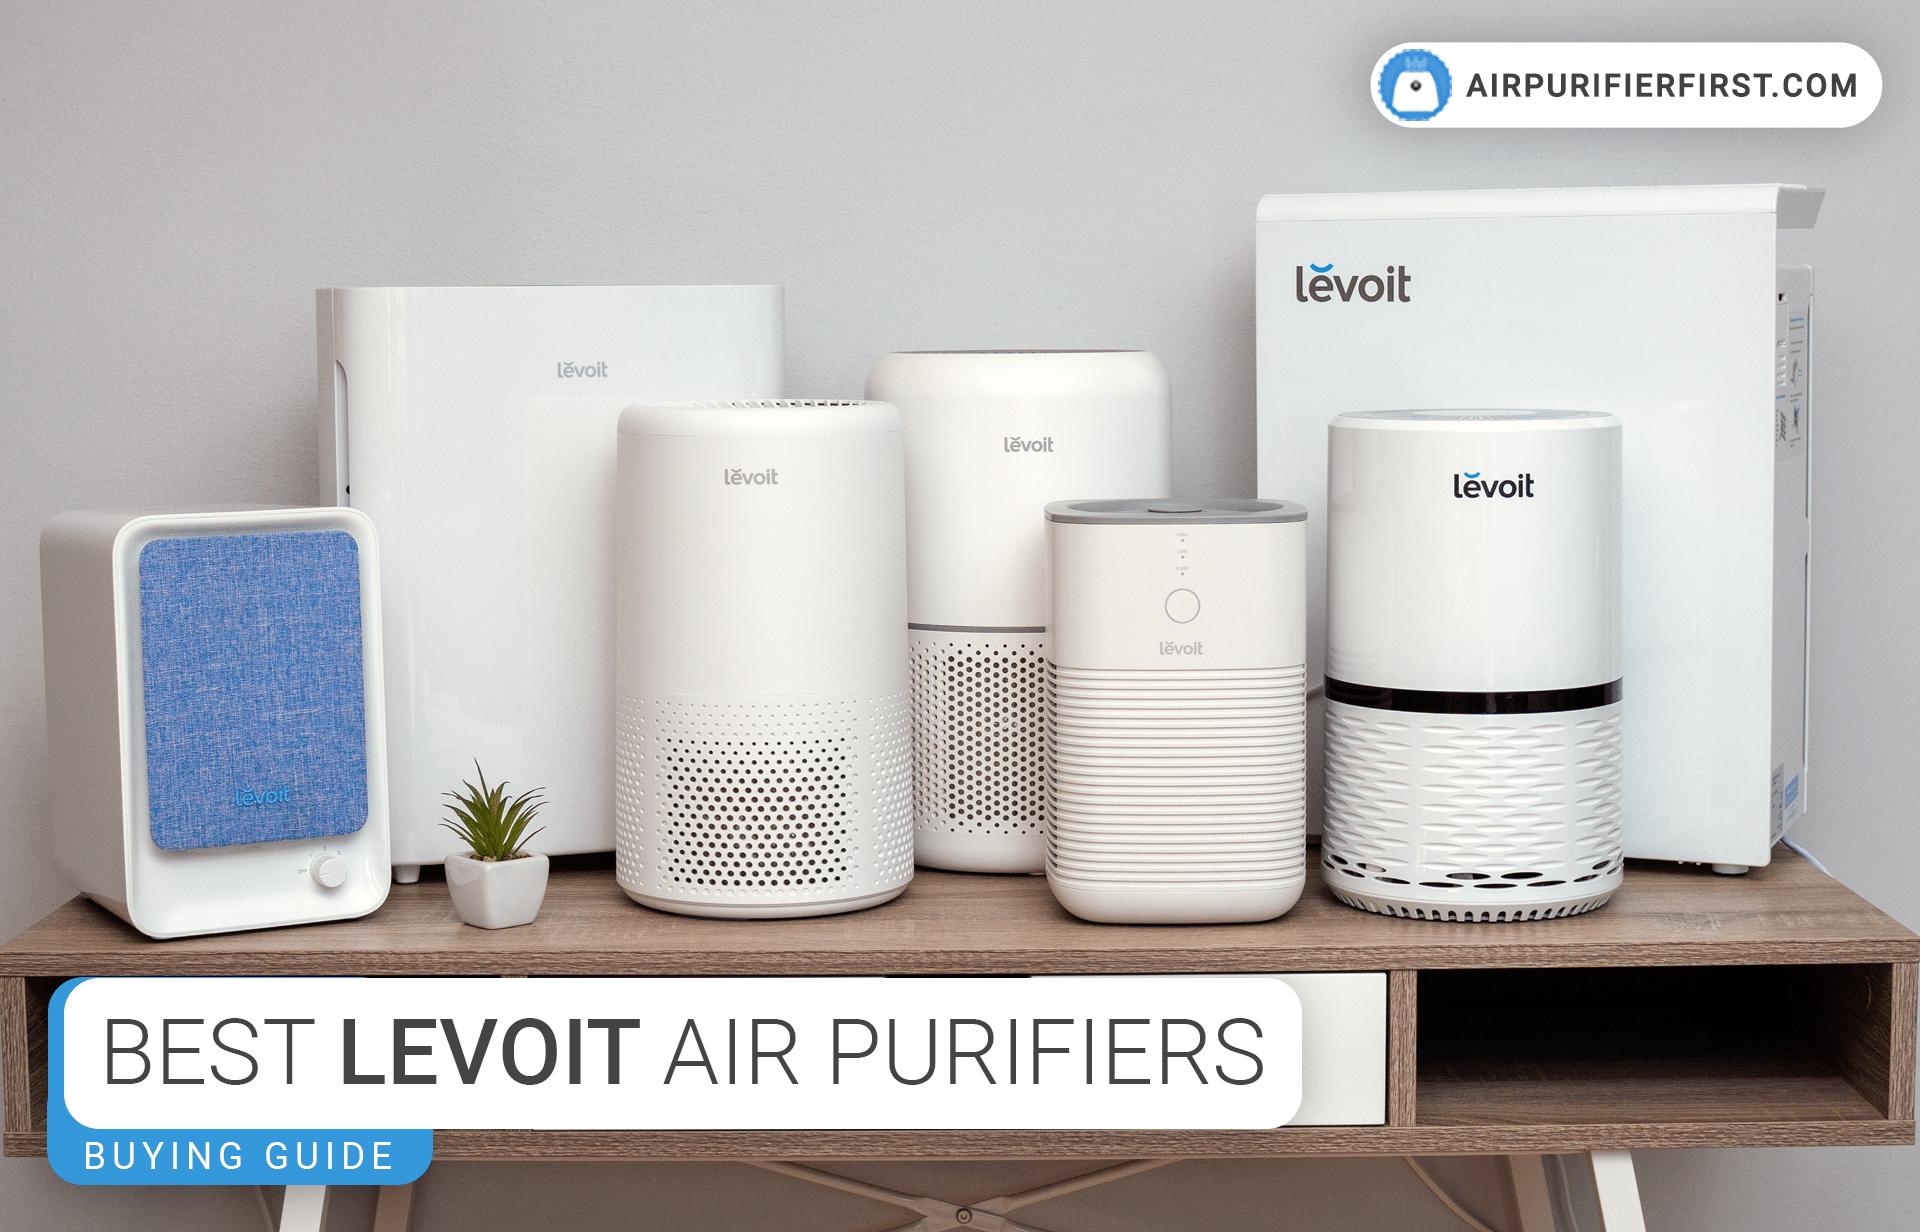 Best Levoit Air Purifiers